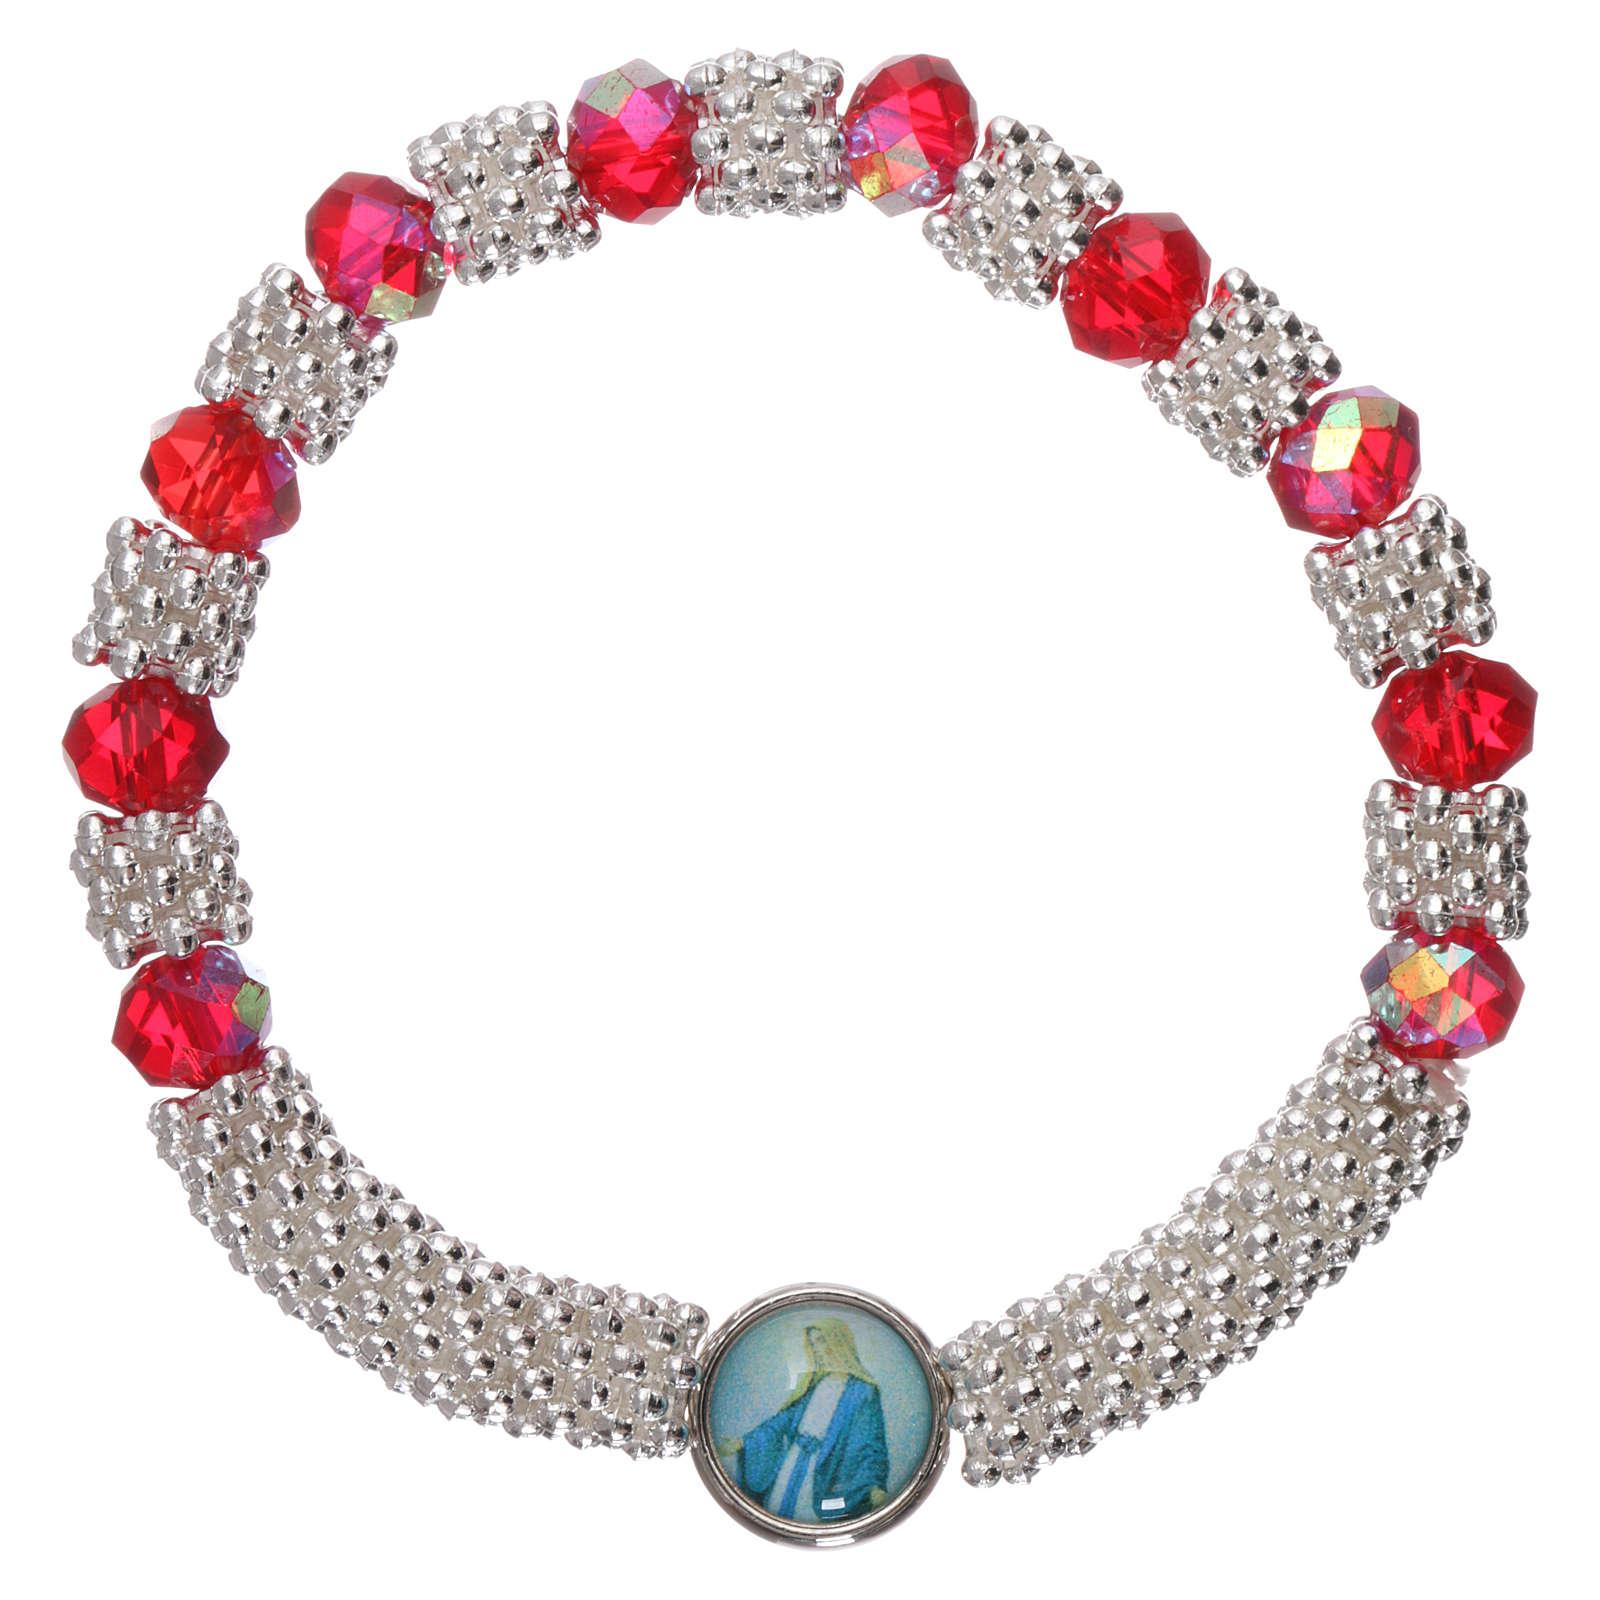 Bracciale decina elastico mezzo cristallo rubino grani sfaccettati 3x5 mm 4